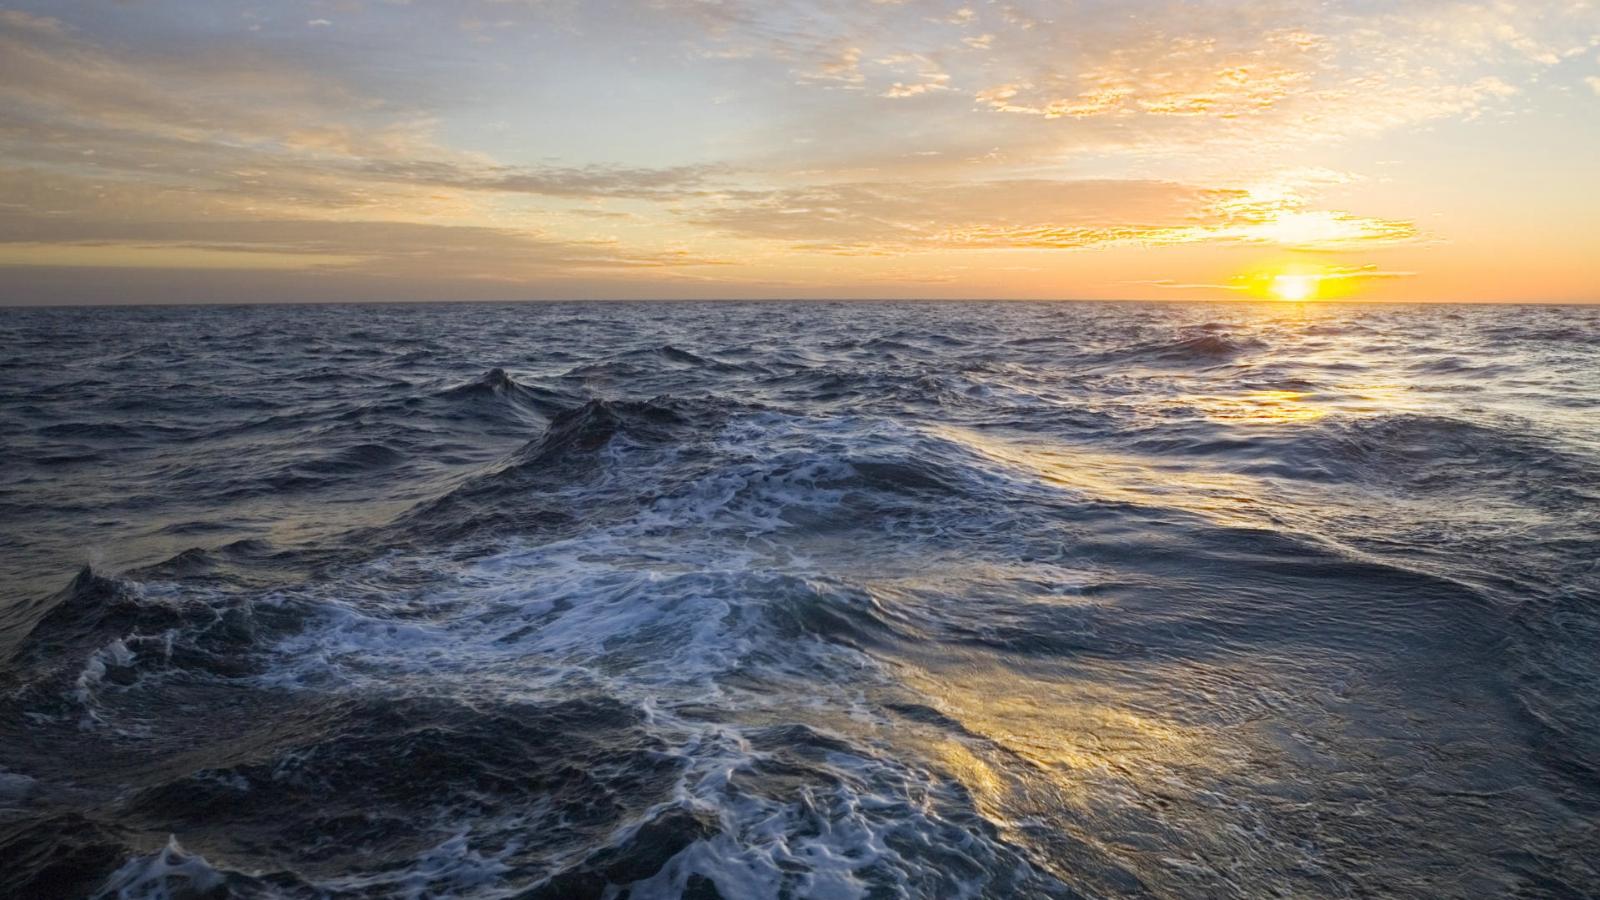 Мировой океан возможно восстановить за 30 лет, – учёные